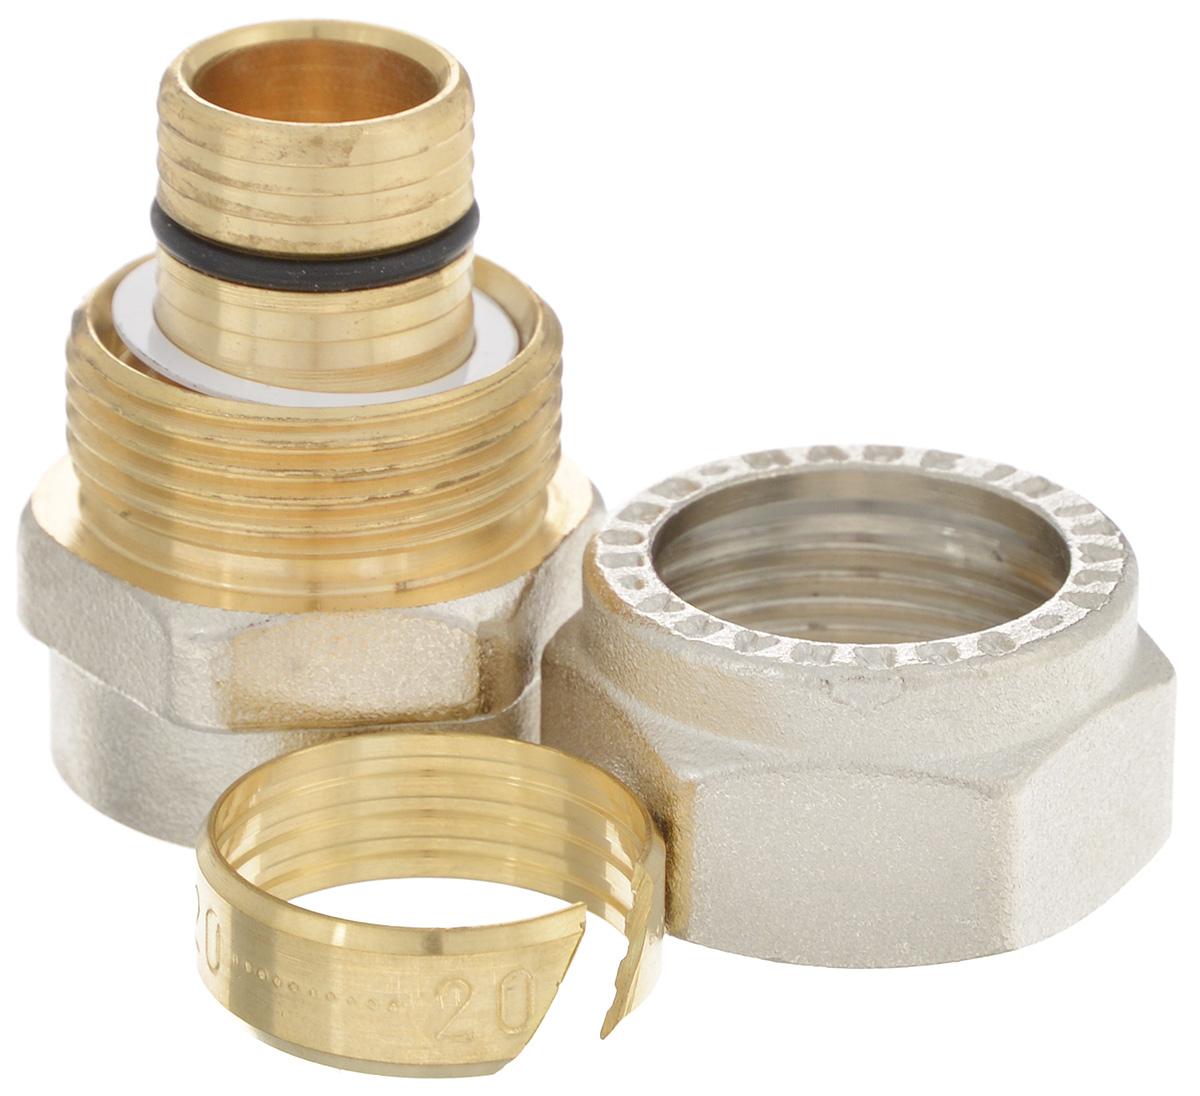 Соединитель Fornara, цанга-гайка, 20 x 1/2A100D-20IAСоединитель Fornara предназначен для соединения металлопластиковых труб с помощью разводного ключа. Соединение получается разъемным, что позволяет при необходимости заменять уплотнительные кольца, а также производить обслуживание участка трубопровода.